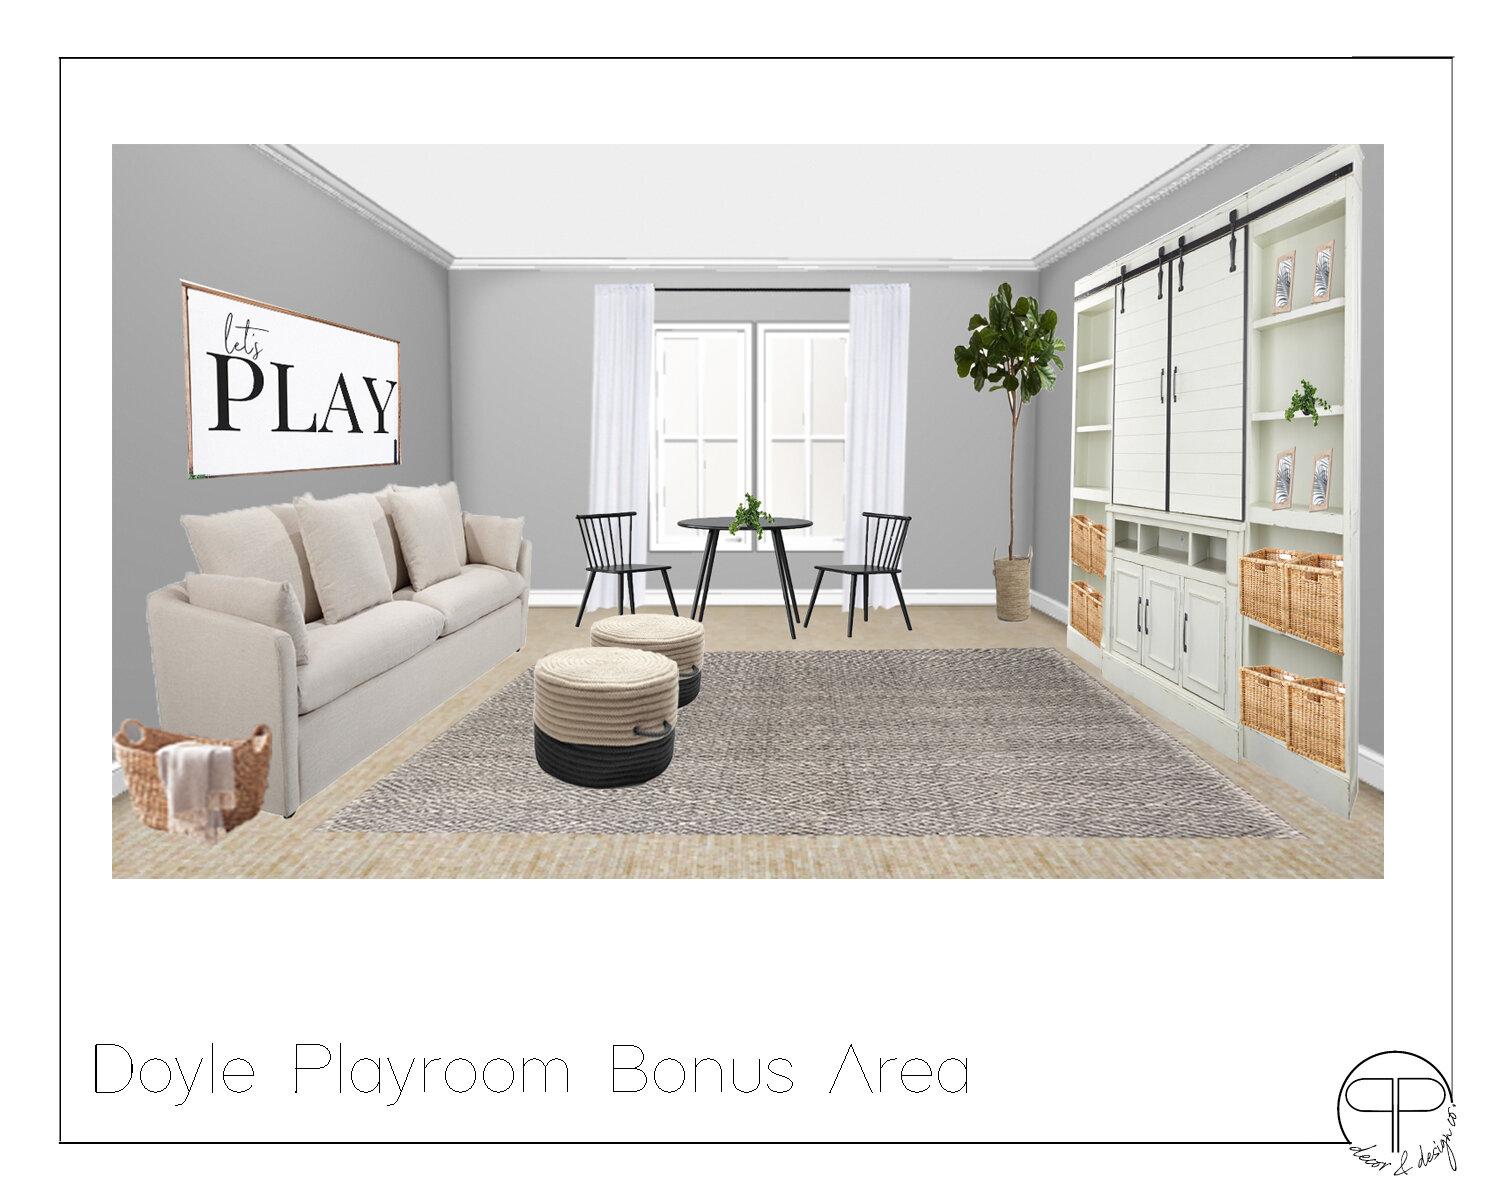 Doyle_Playroom_Bonus.jpg